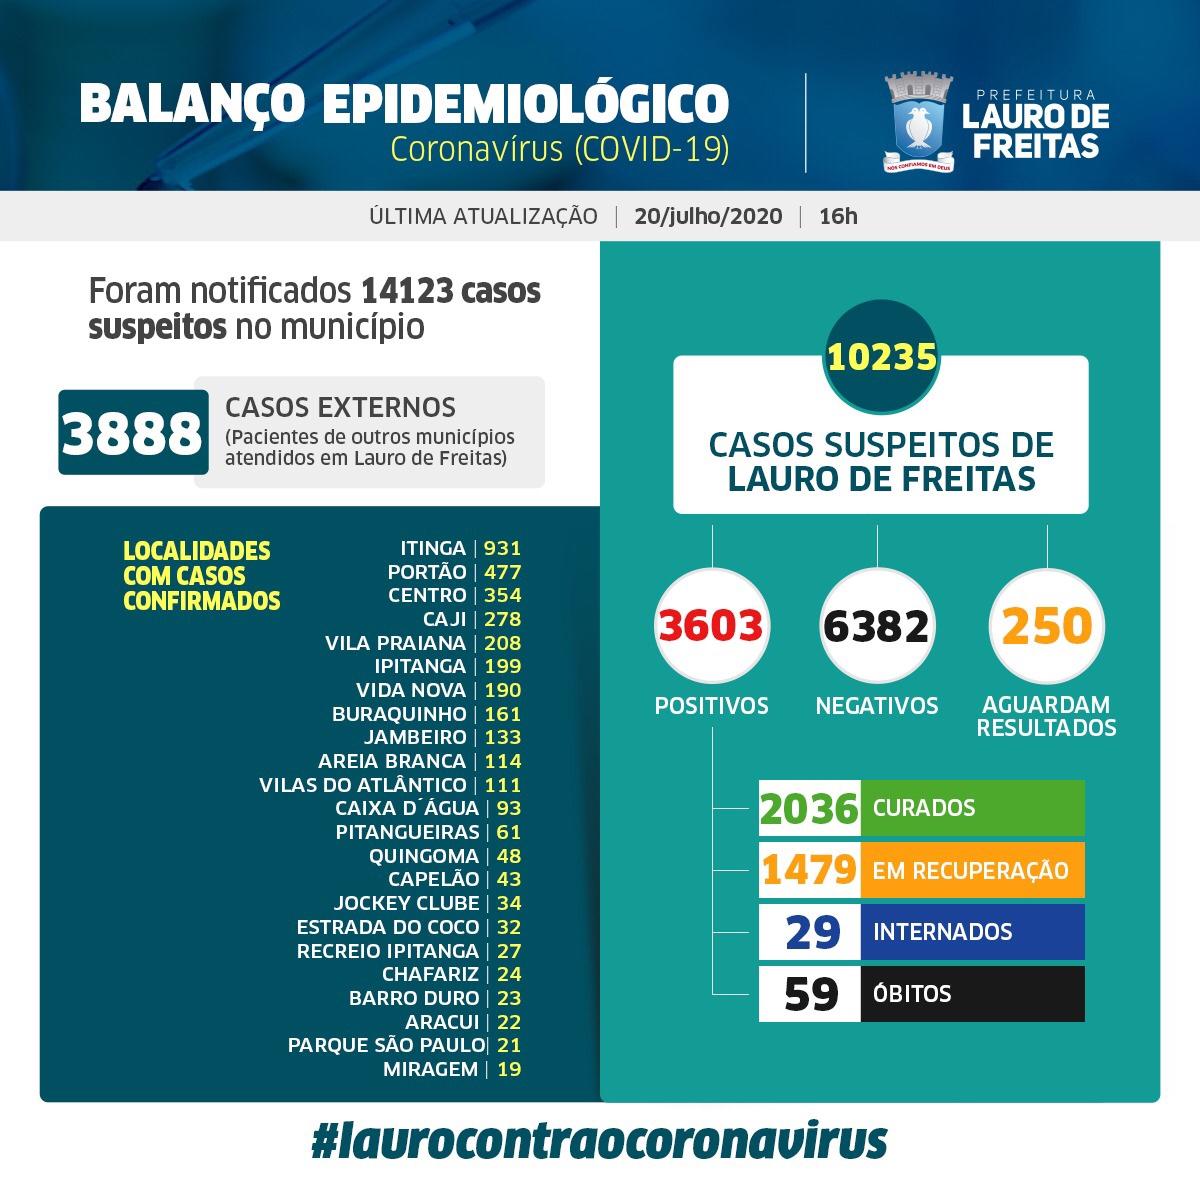 Lauro de Freitas já tem 2036 pessoas curadas da Covid-19